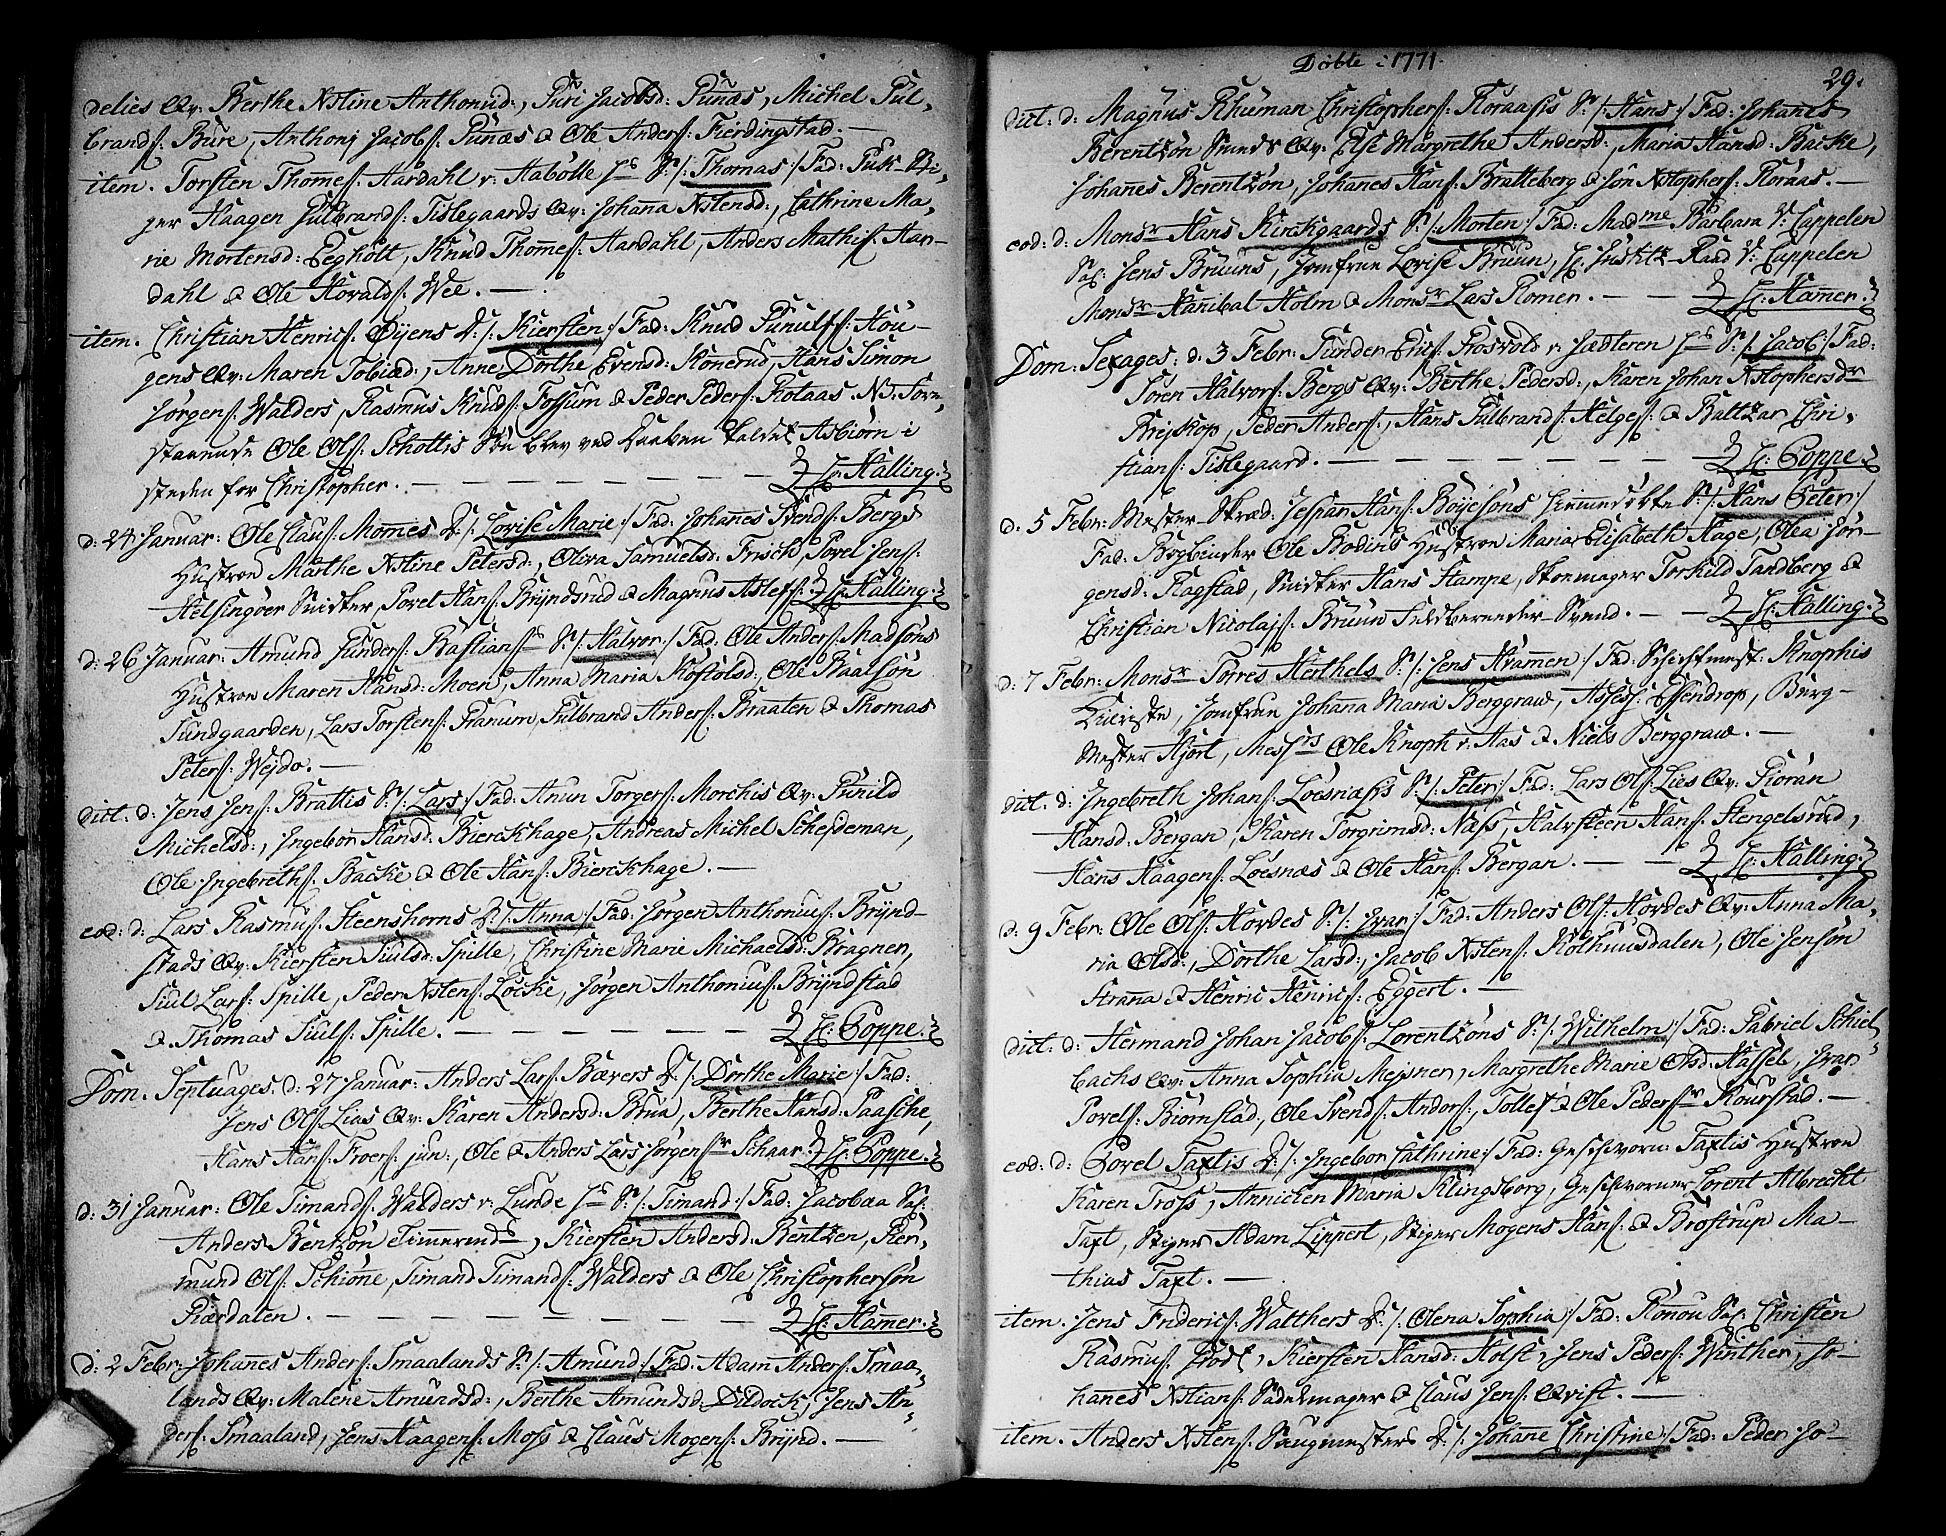 SAKO, Kongsberg kirkebøker, F/Fa/L0005: Ministerialbok nr. I 5, 1769-1782, s. 29